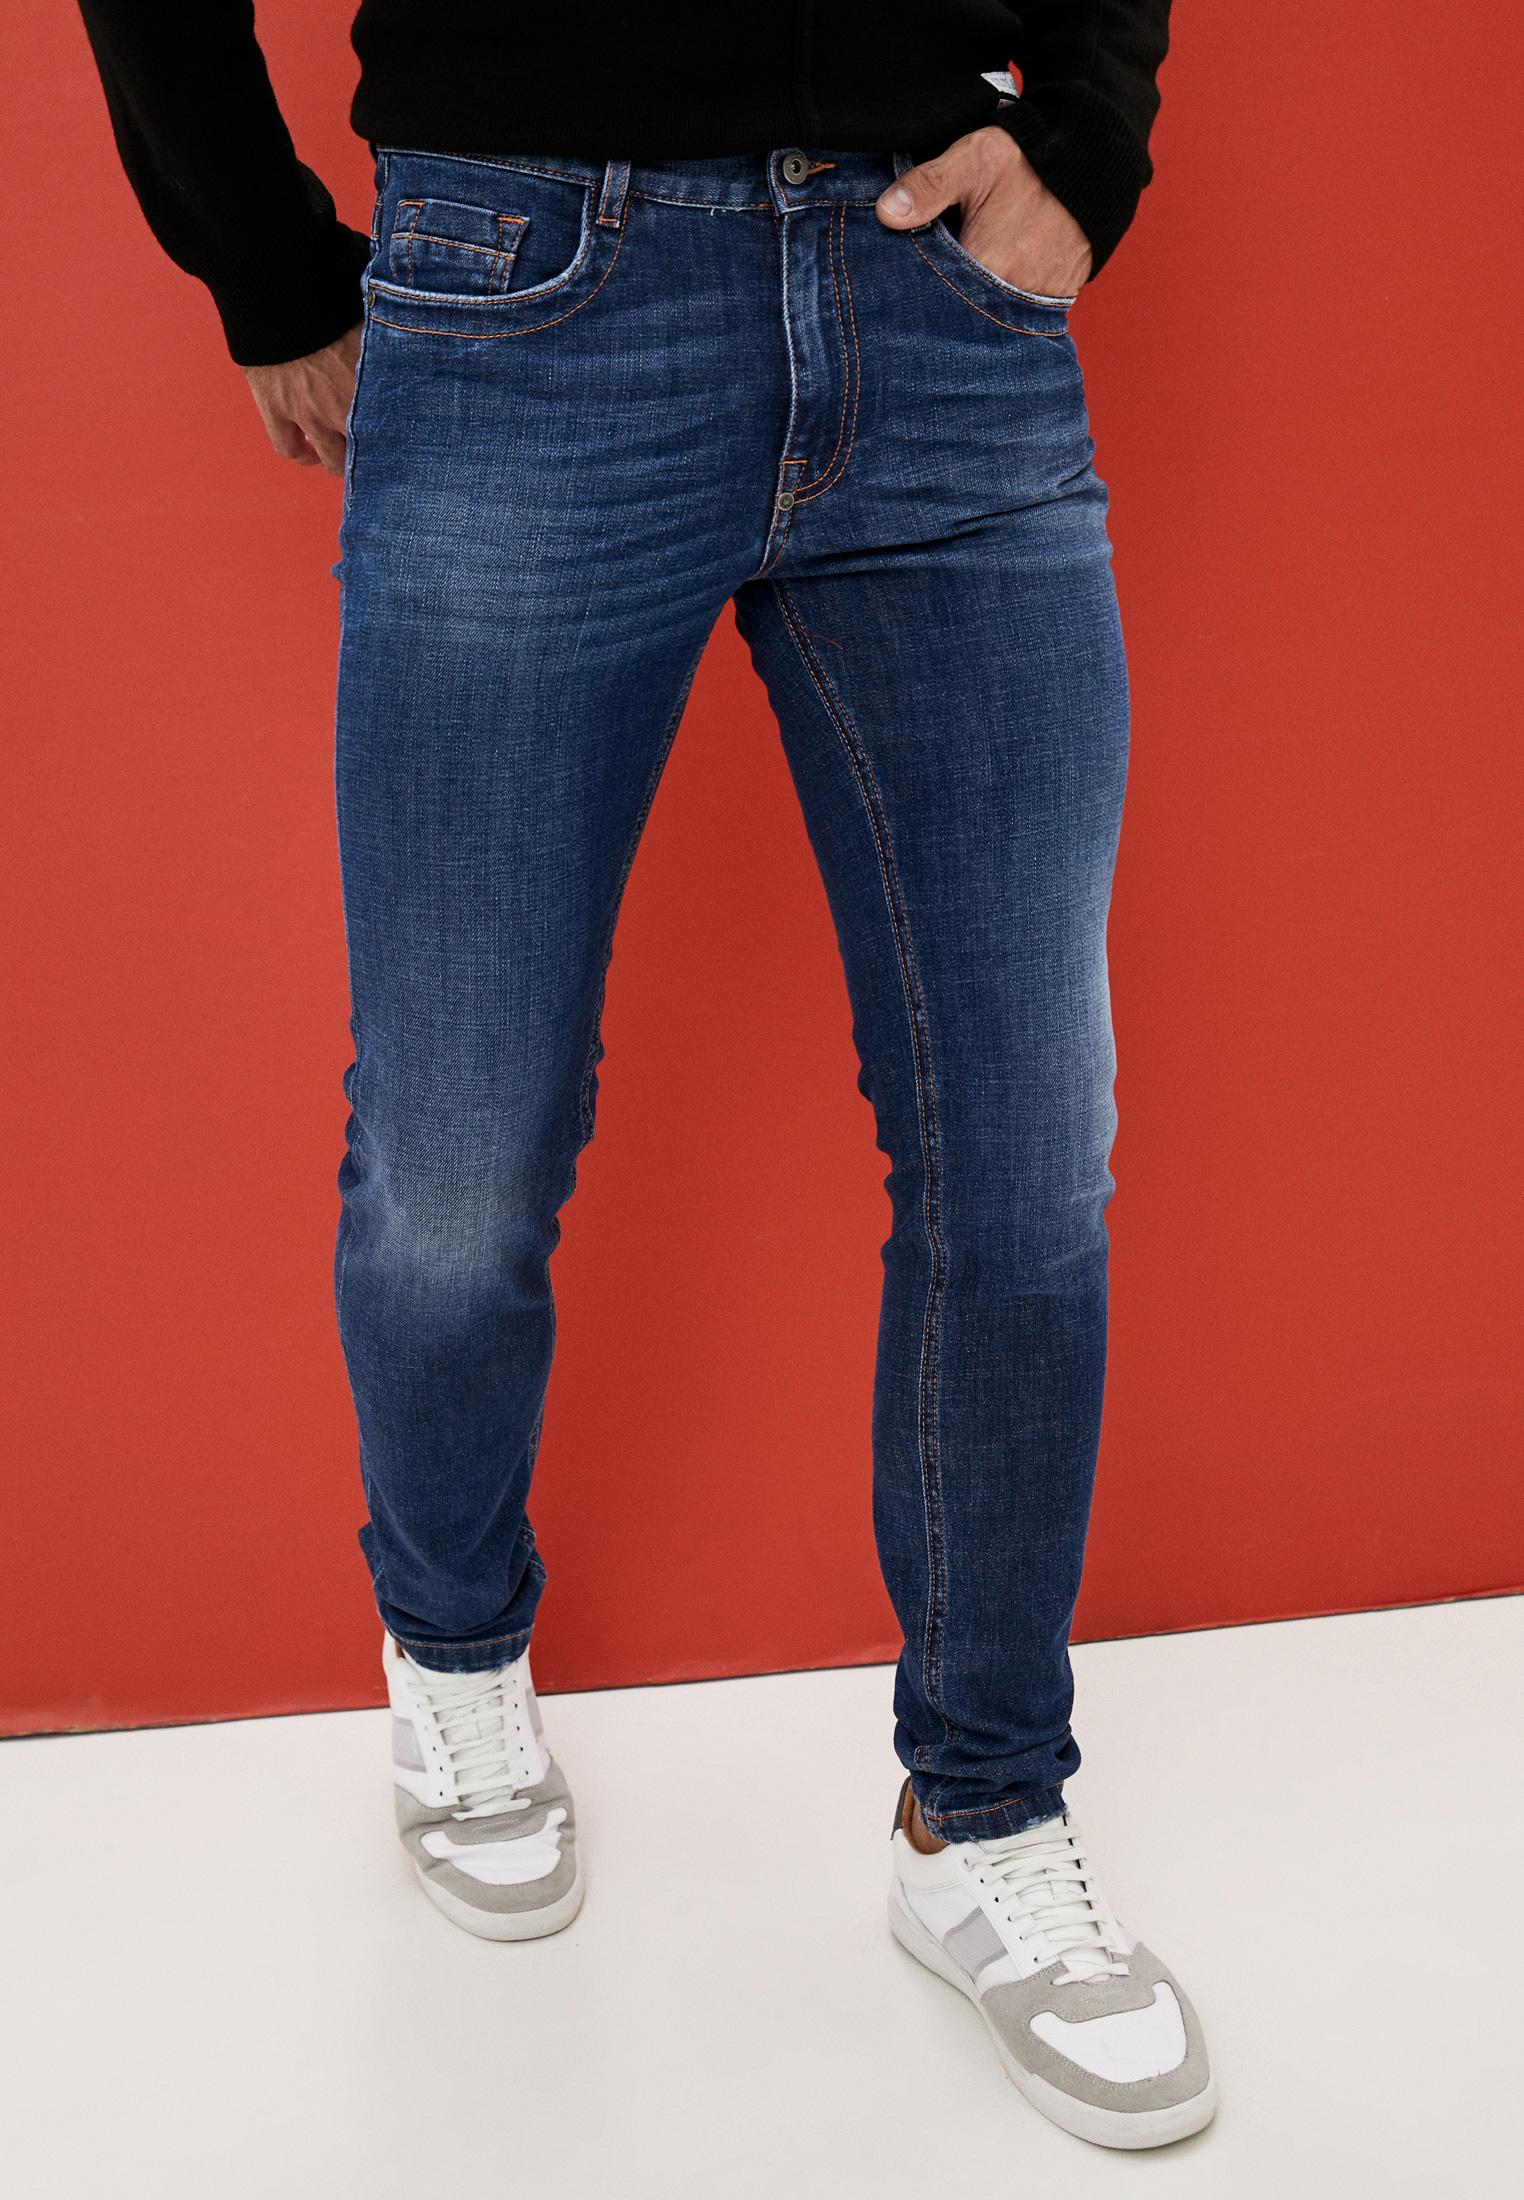 Мужские зауженные джинсы Bikkembergs (Биккембергс) C Q 101 05 S 3393: изображение 2